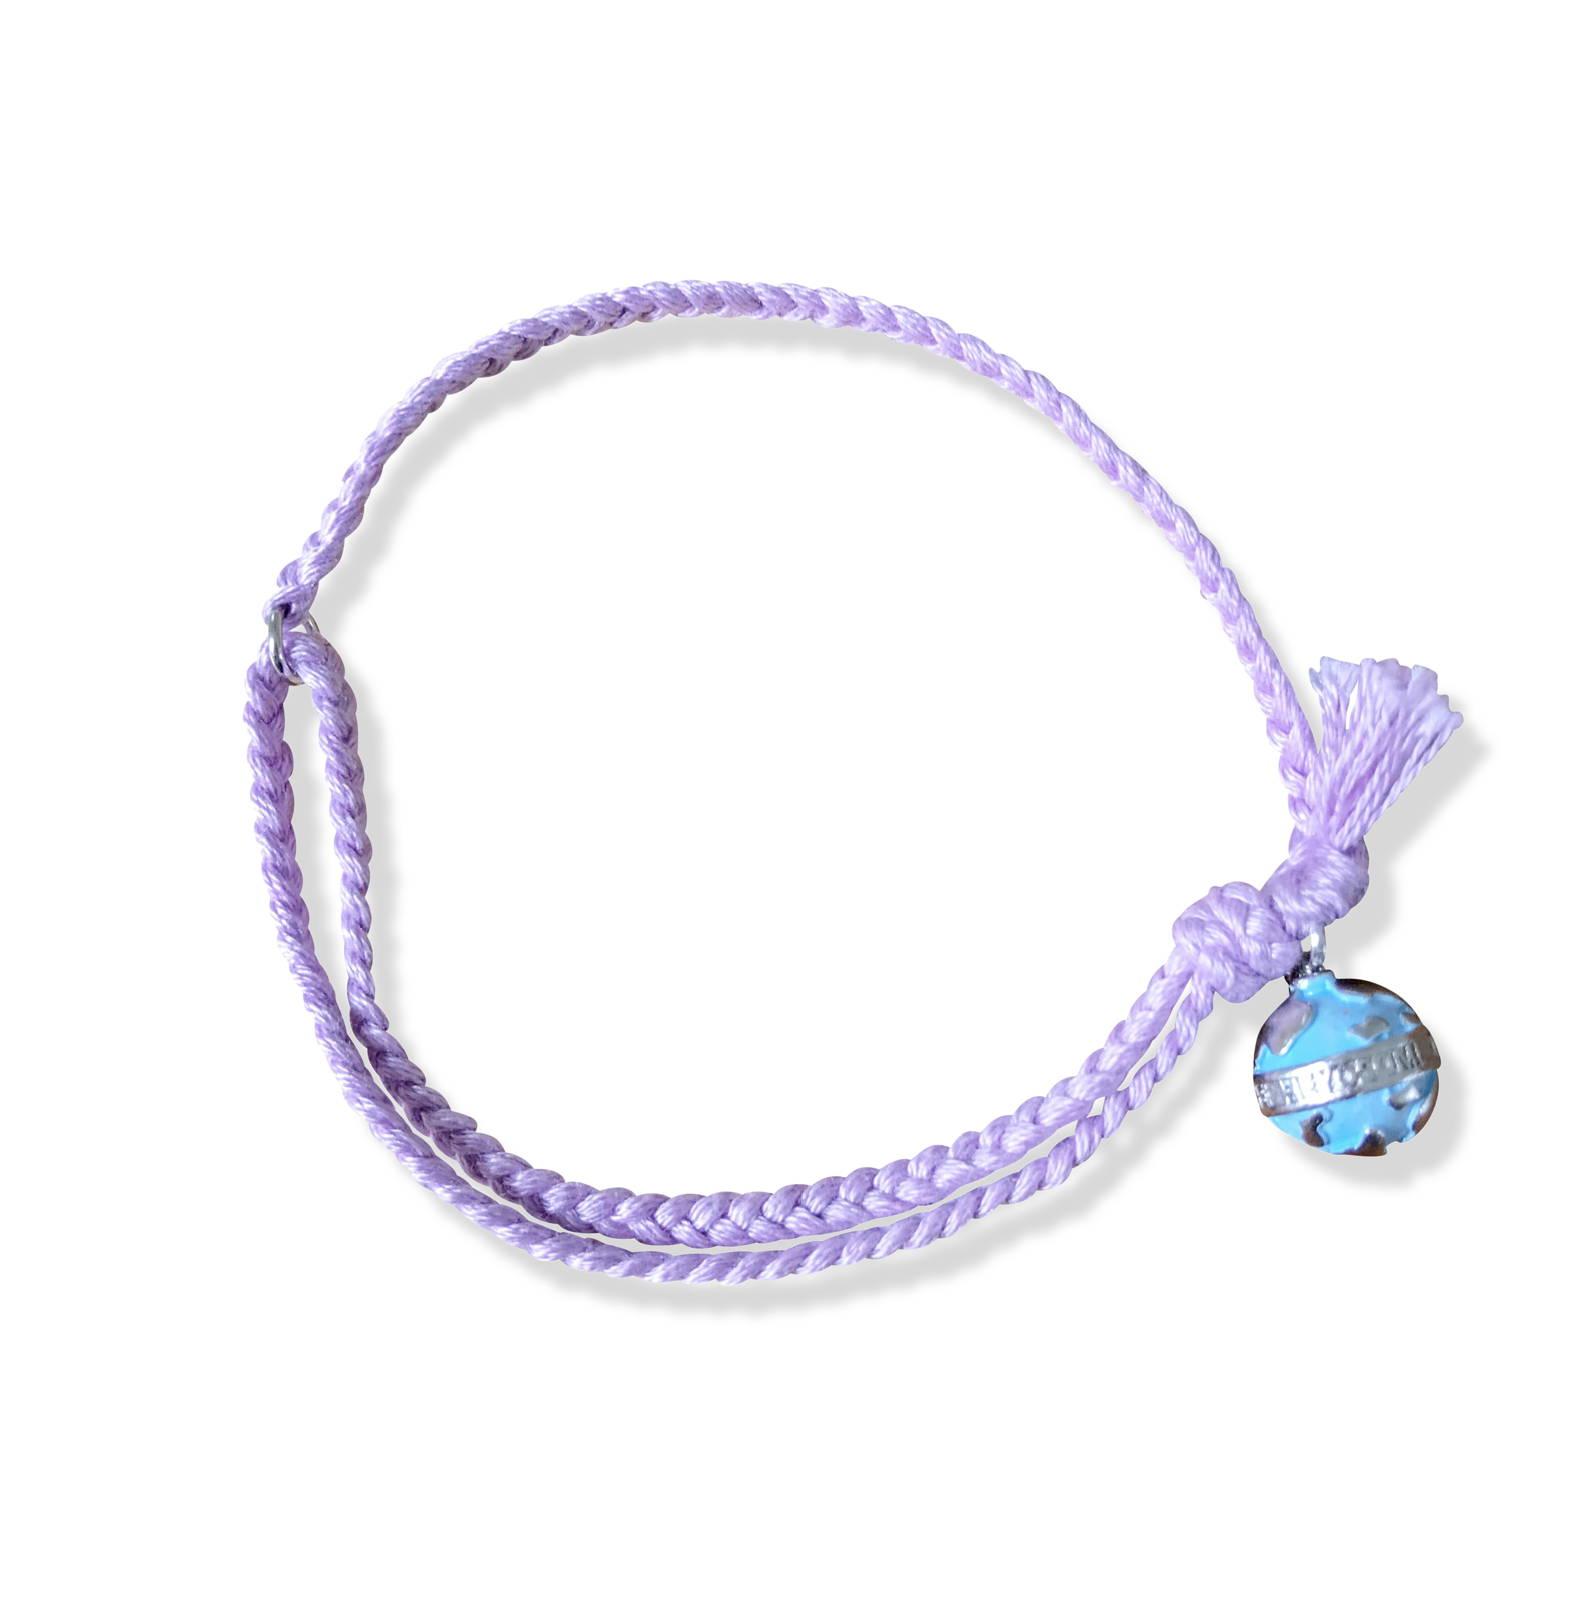 bracelet dog, save dog, save animal bracelet, save homeless pets, dog need us